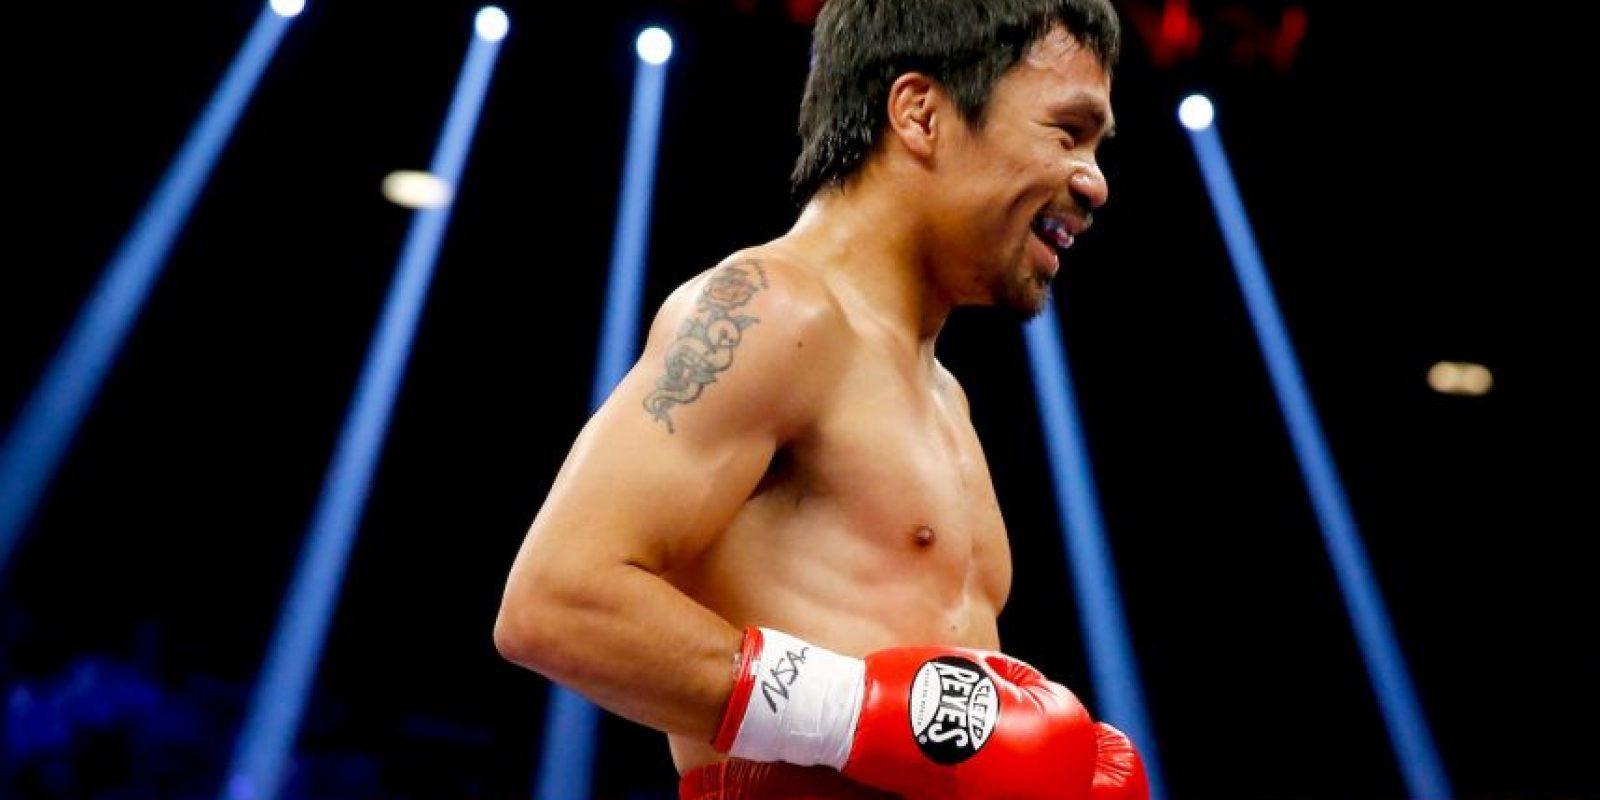 """Pacquiao: """"Él se movía por todos lados, era difícil conectarlo, pero cuando se paraba lo controlaba"""". Foto:Getty Images"""